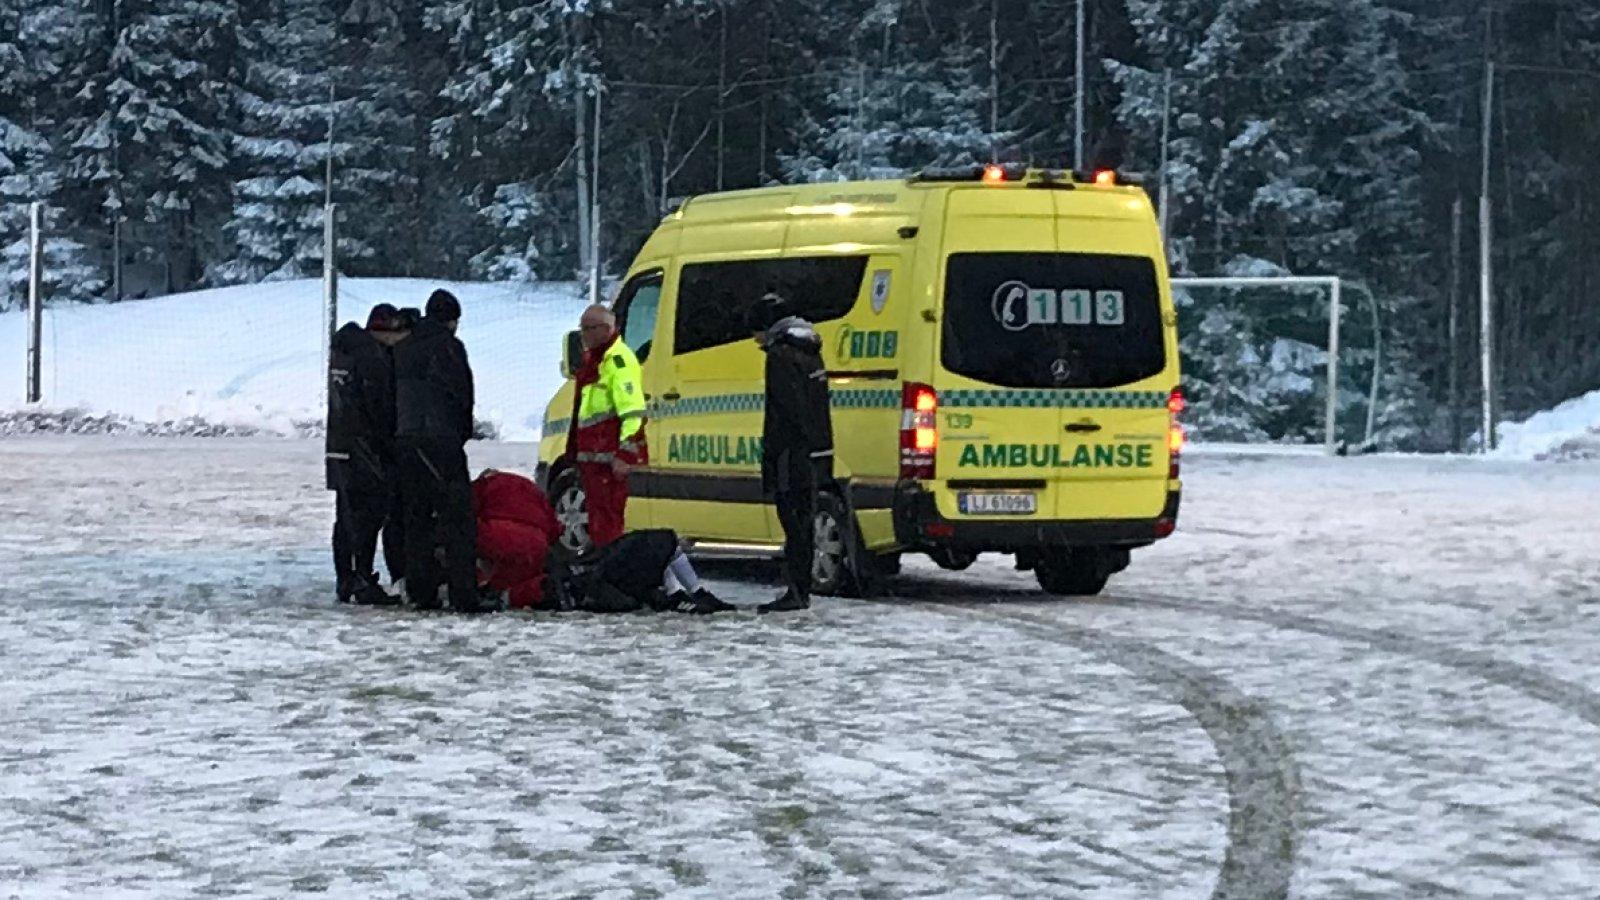 Det måtte tilkalles ambulanse da to Arendal-spillere ble skadet under cup-kvalifiseringskampen mot MK tirsdag kveld.